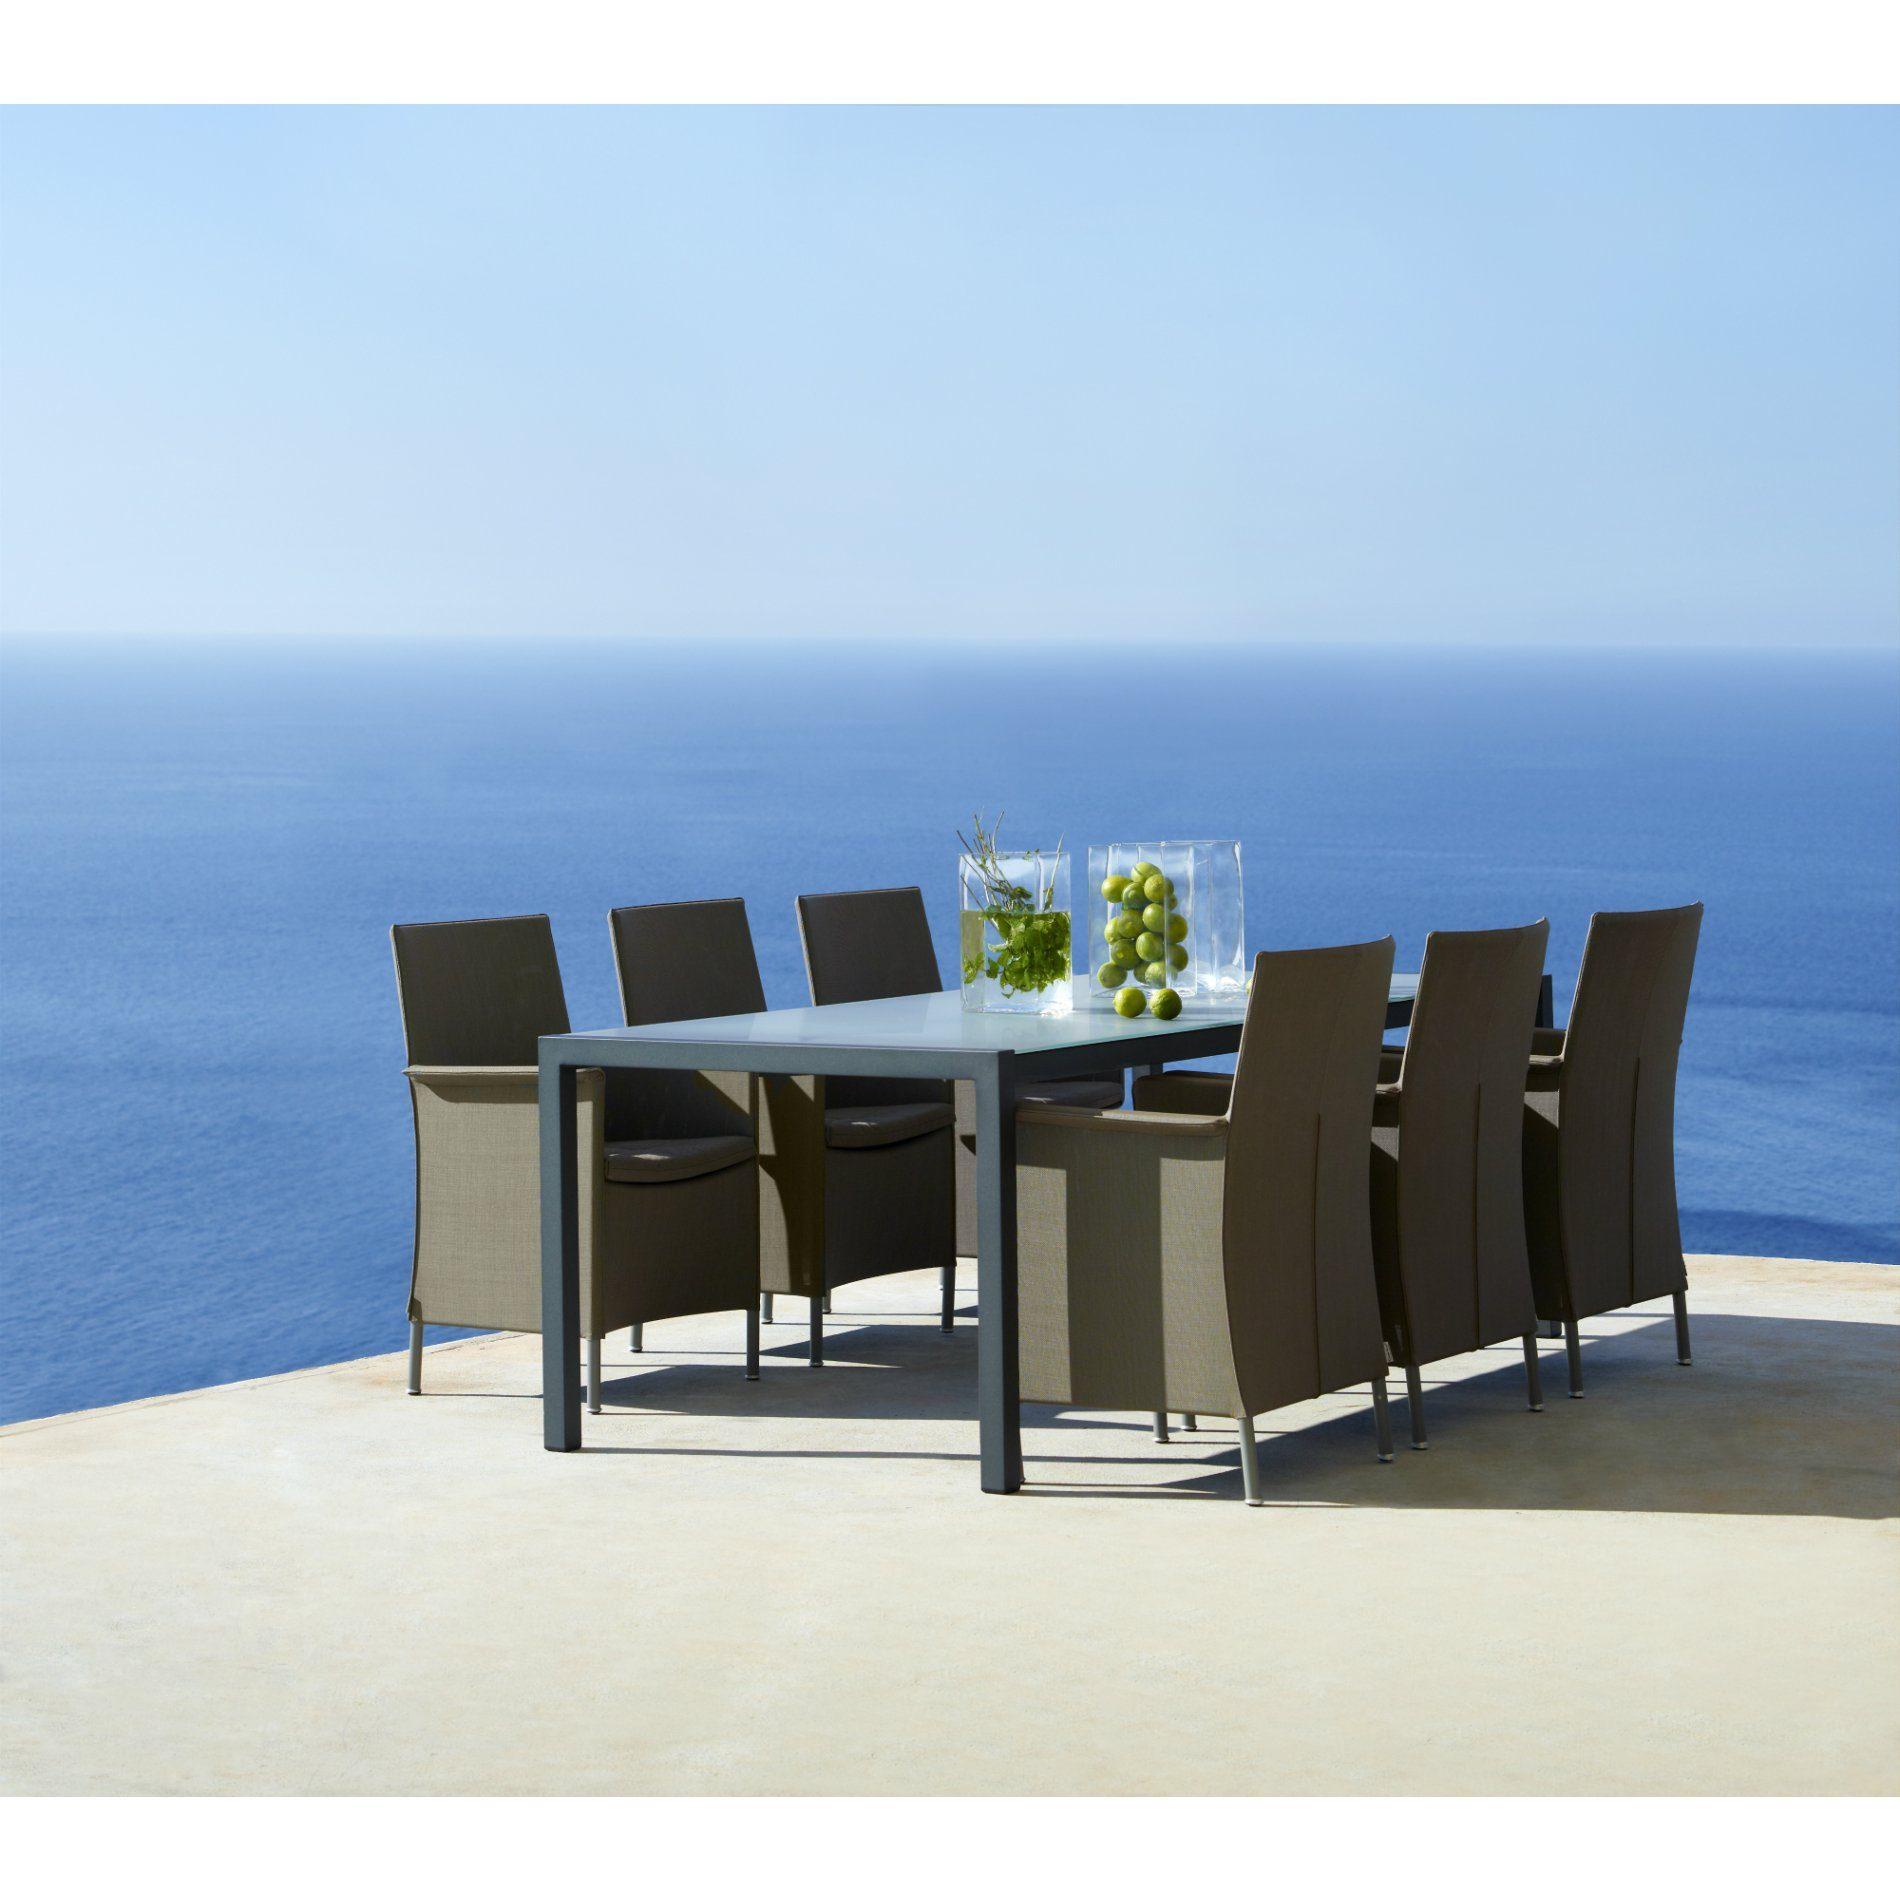 cane line gartenstuhl liberty. Black Bedroom Furniture Sets. Home Design Ideas